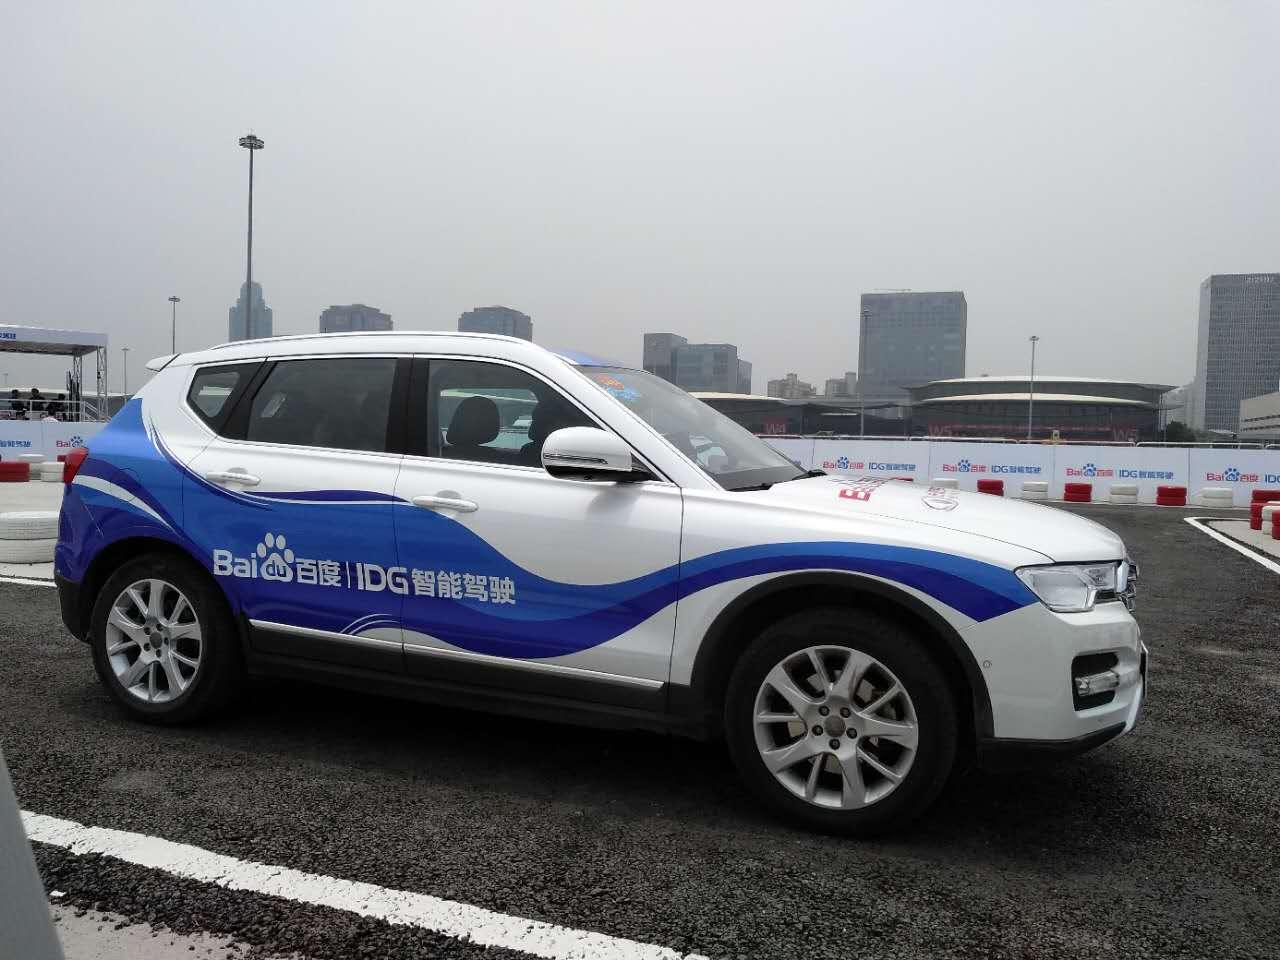 百度将宣布第一批无人驾驶软件合作伙伴 奇瑞在内